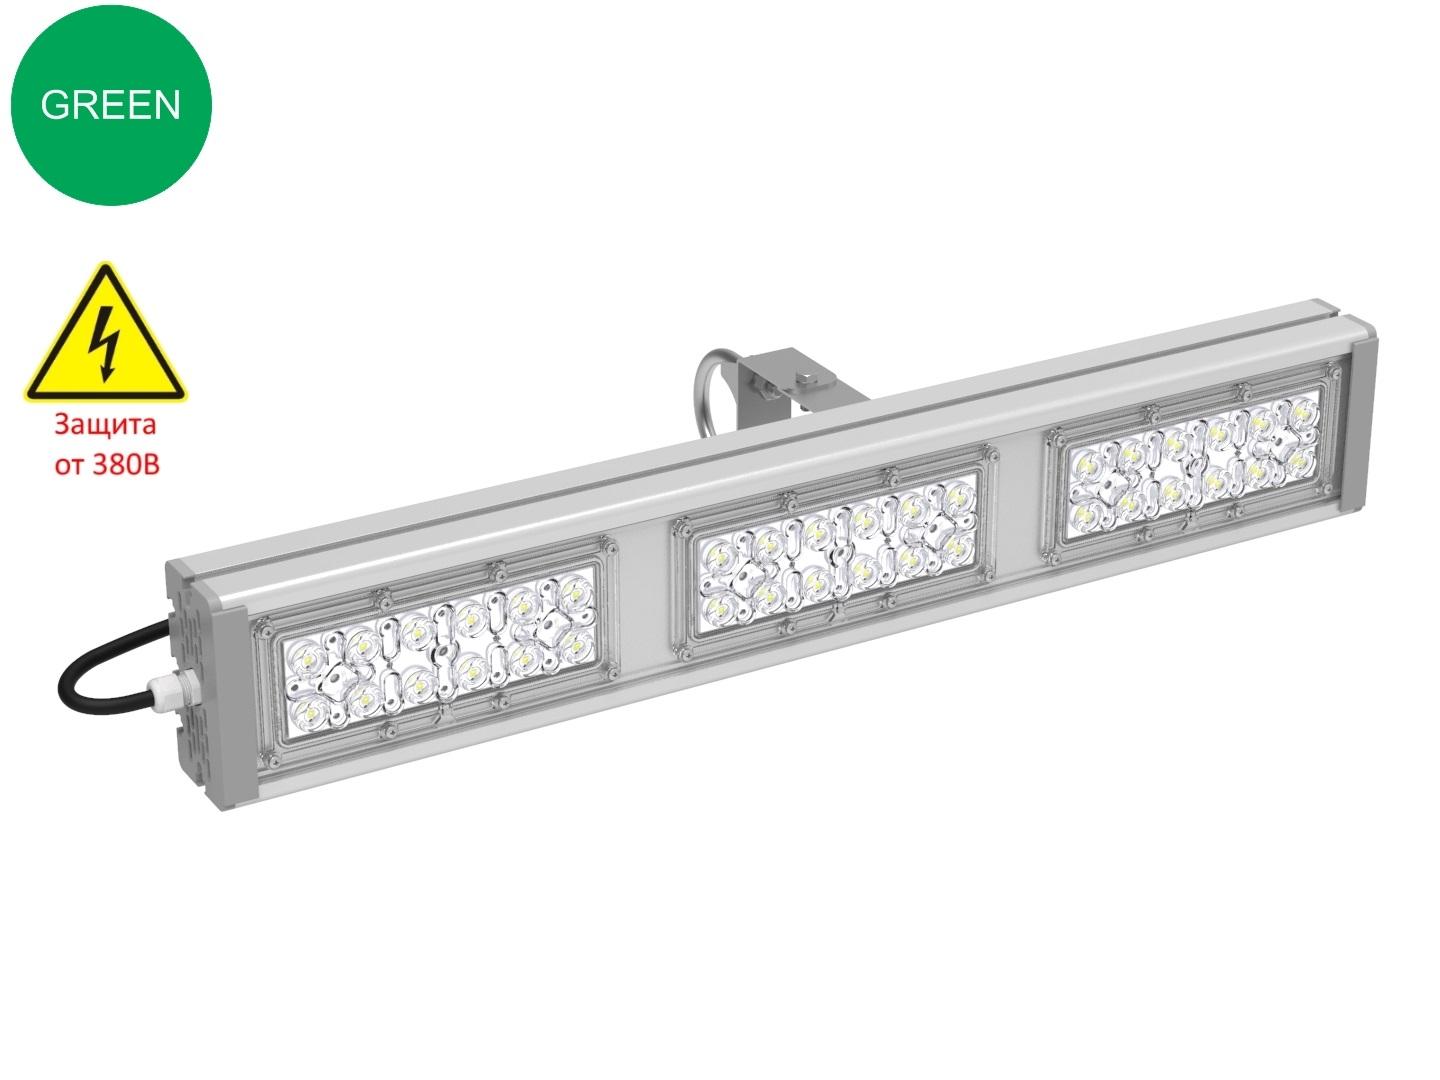 Прожектор с оптикой зеленый SVT-STR-M-90Вт-27-GREEN